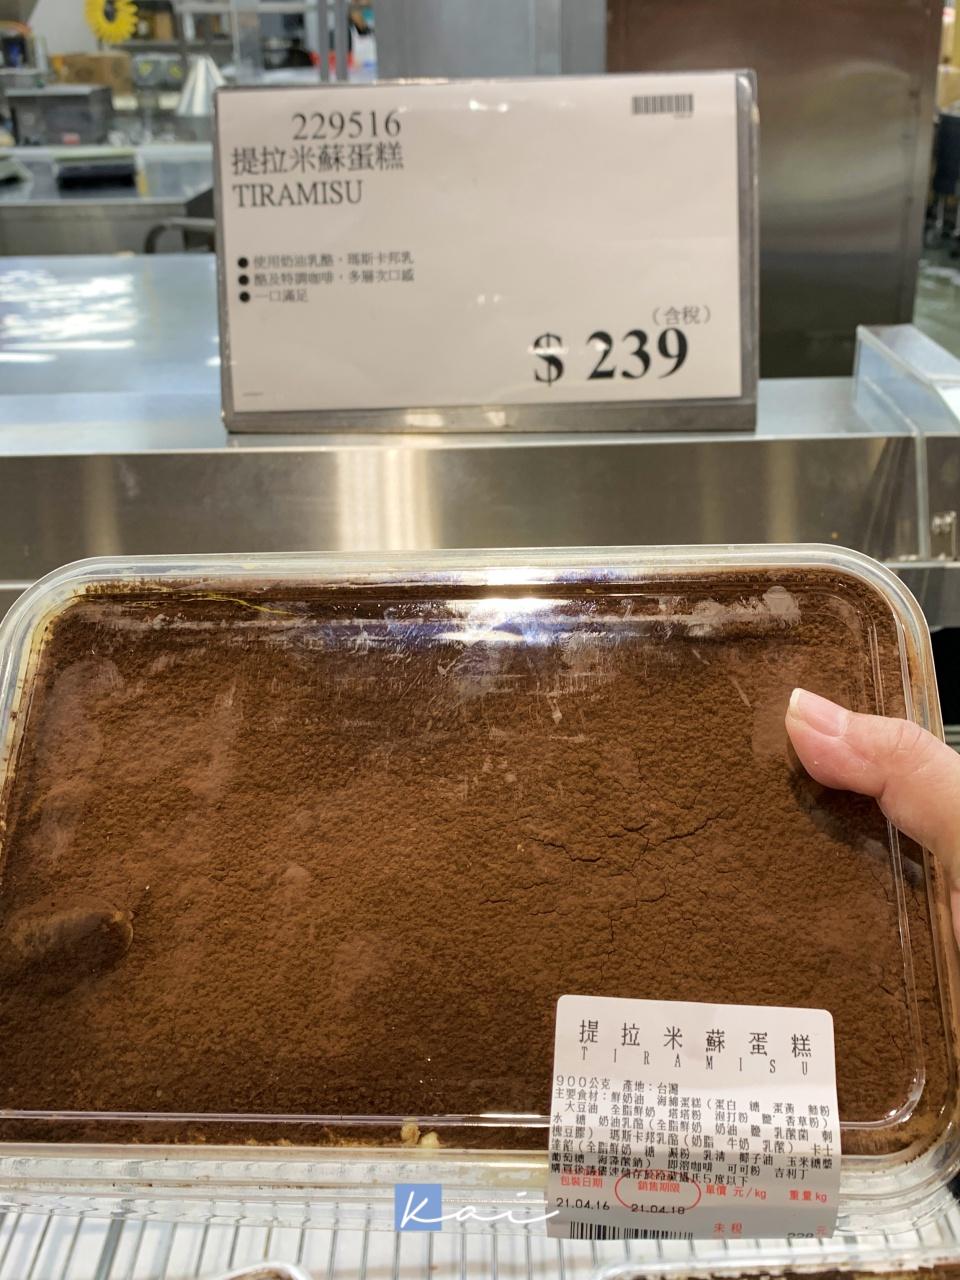 ☆【好市多美食】提拉米蘇蛋糕回來了!濃濃咖啡香和馬斯卡彭乳酪「大人系蛋糕」